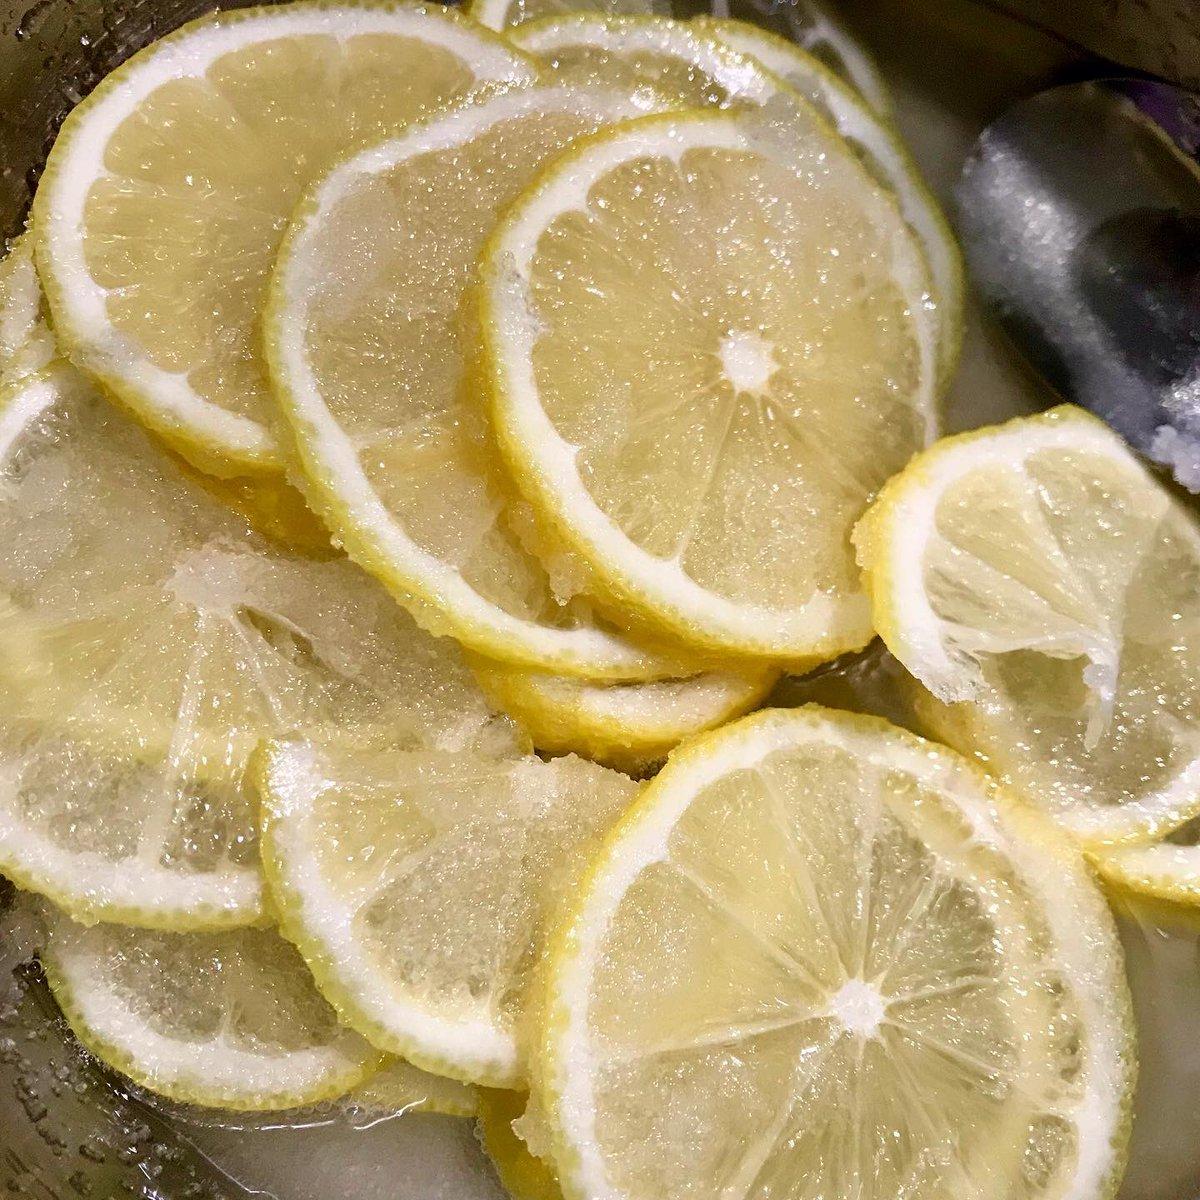 #วันนี้พี่ทำอะไรกิน  🍋🍋🍋🍋🍹 #lemonsyrup  .. .. .. .. .. .. .. .. .. .. ..  #lemon #lemonpickle #lemonade #breakfast #dessert #koreanfood #japanesefood  #いただきます #안녕하세요 #homecooking #tasty #yummy  #foodbyploy #food #foodphotography